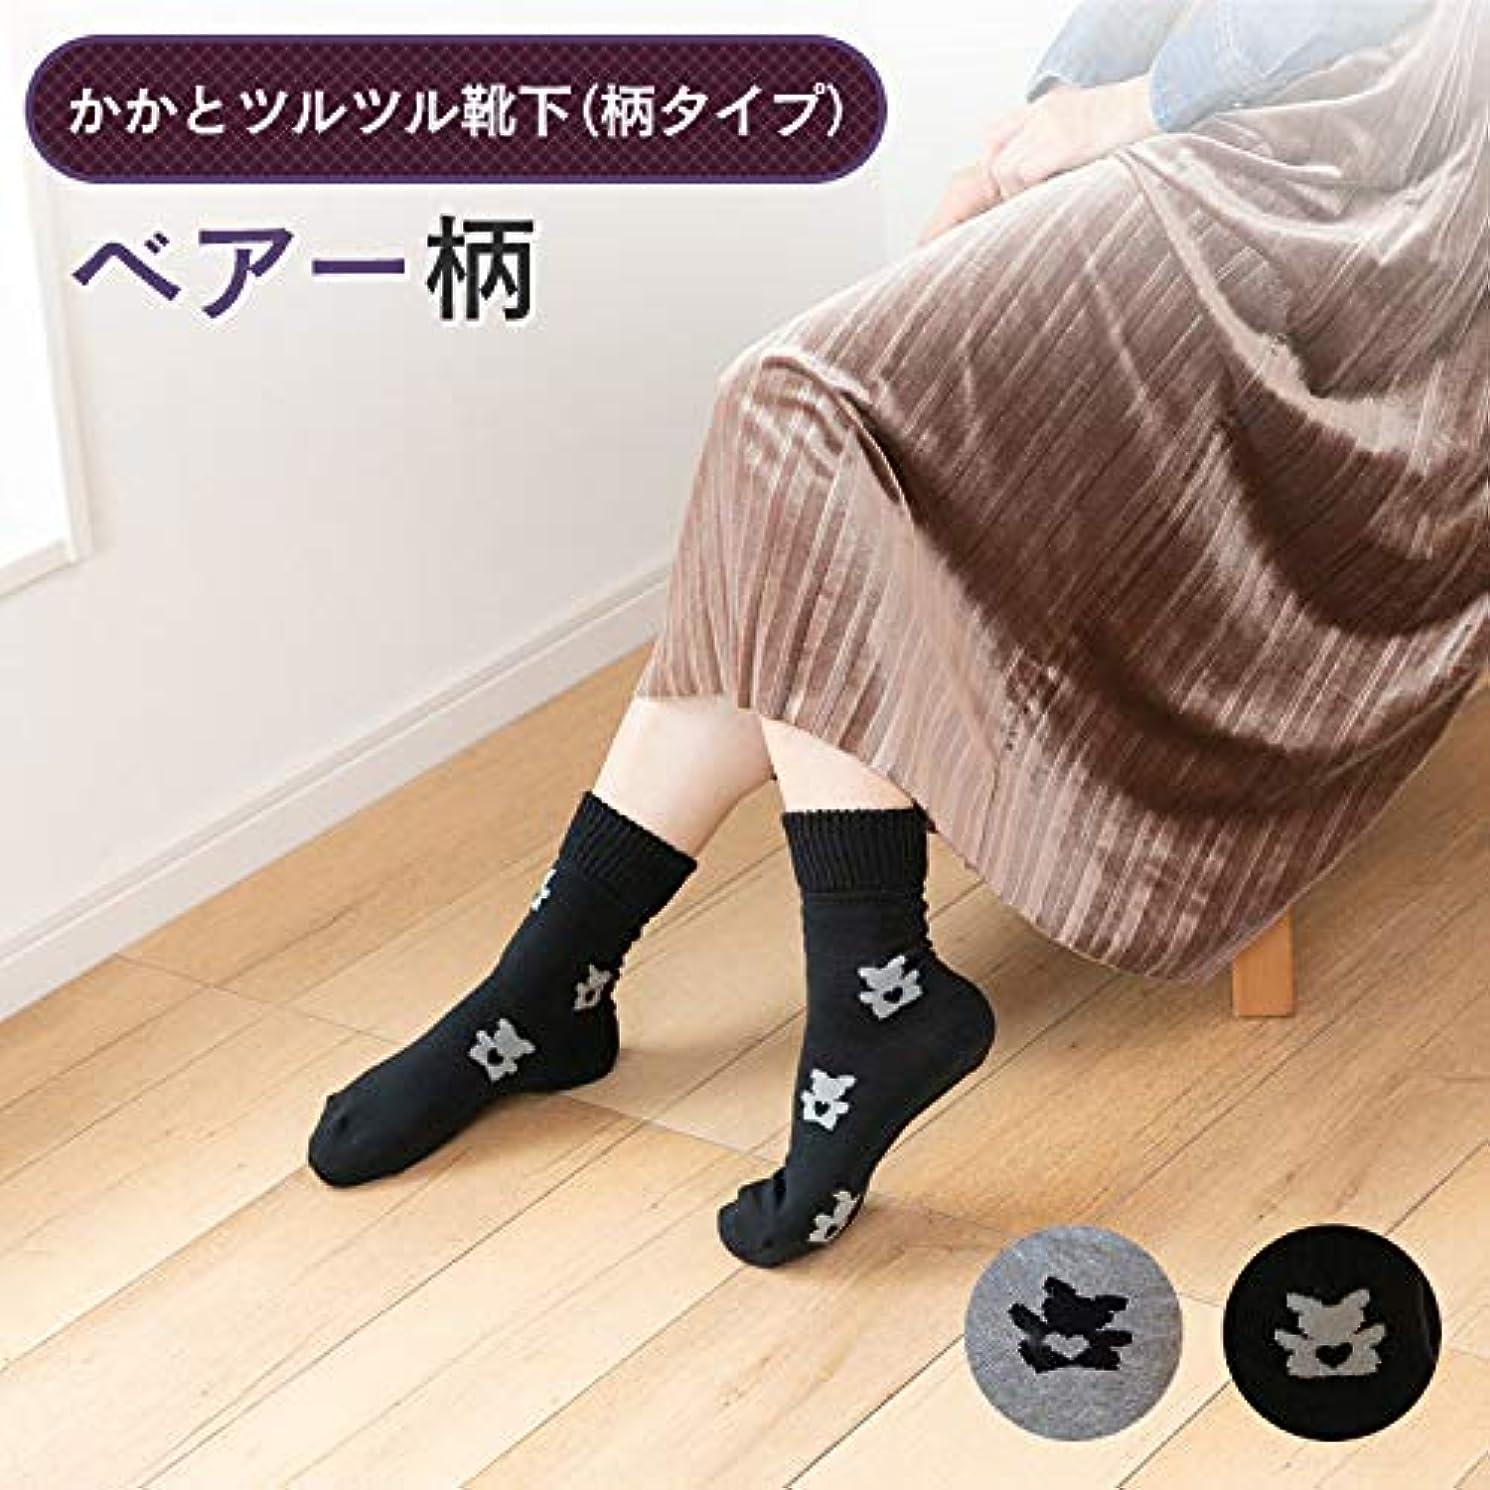 アイザックブラウンポインタネット限定 かかと 角質ケア ひび割れ対策 かかとツルツル靴下 くま 23-25cm 太陽ニット ty1 (ブラック)